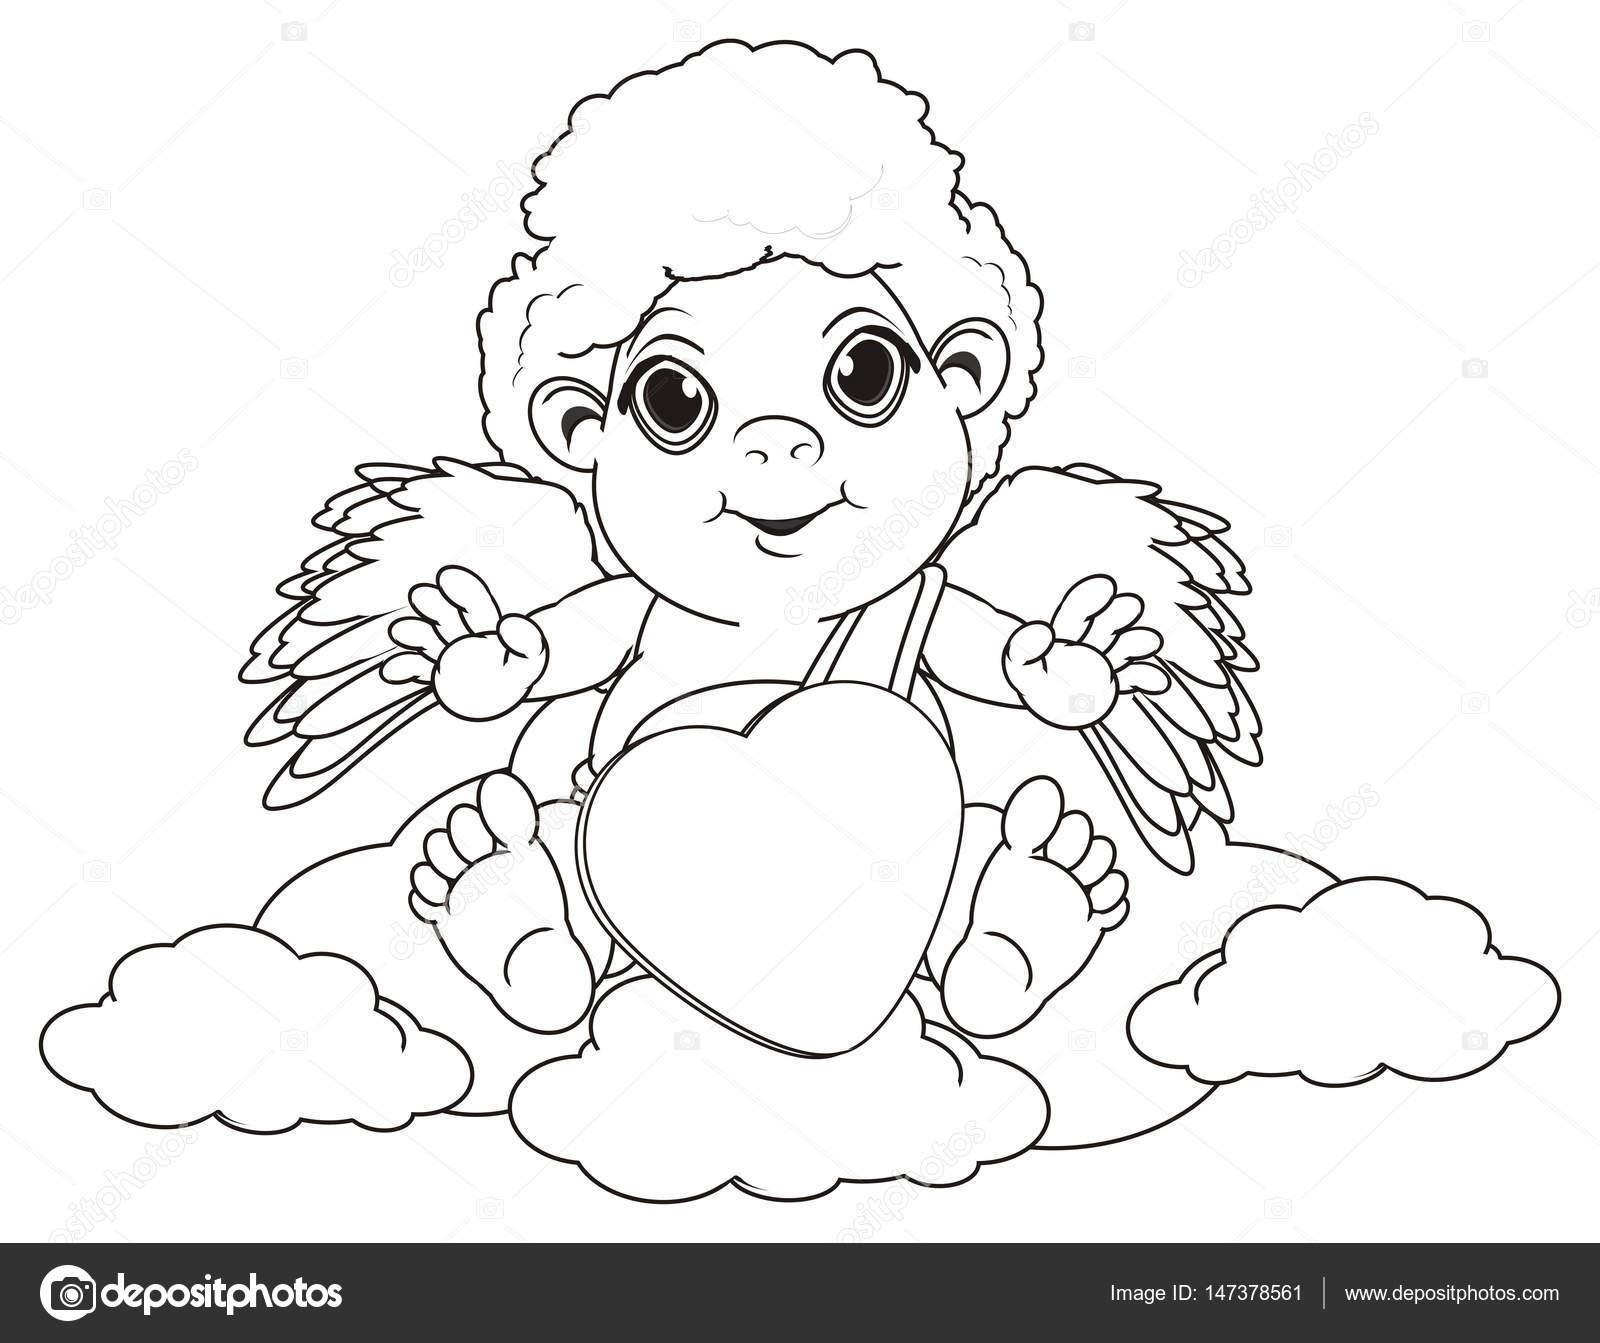 Malvorlagen Engel Sitzen Stockfoto Tatty77tatty 147378561